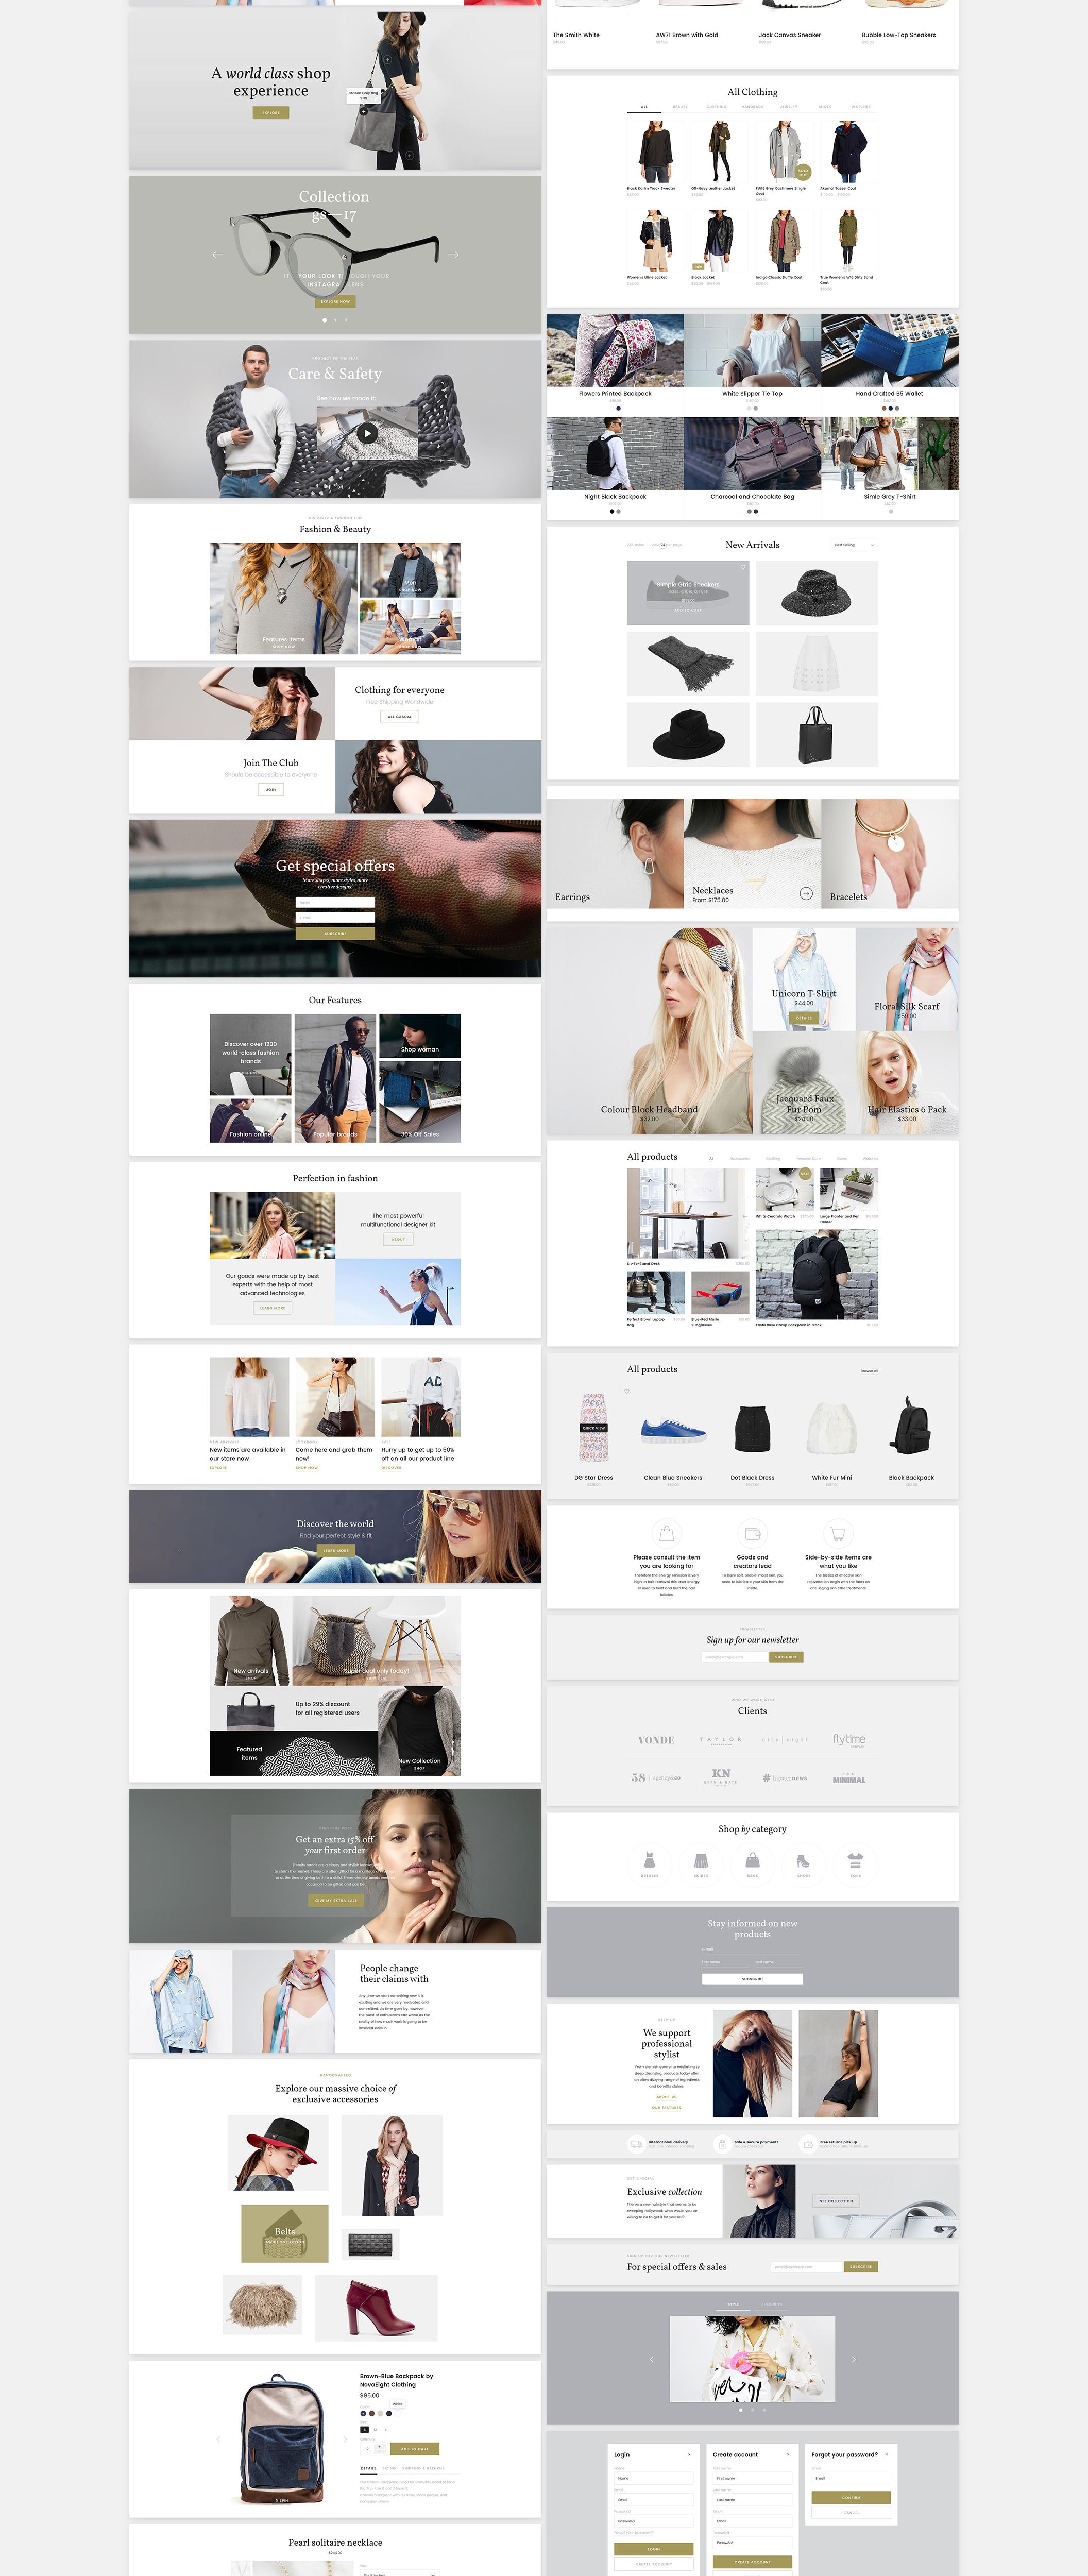 完整的电商购物网站Louca UI Kit 主题包.psd素材下载 主题包-第2张